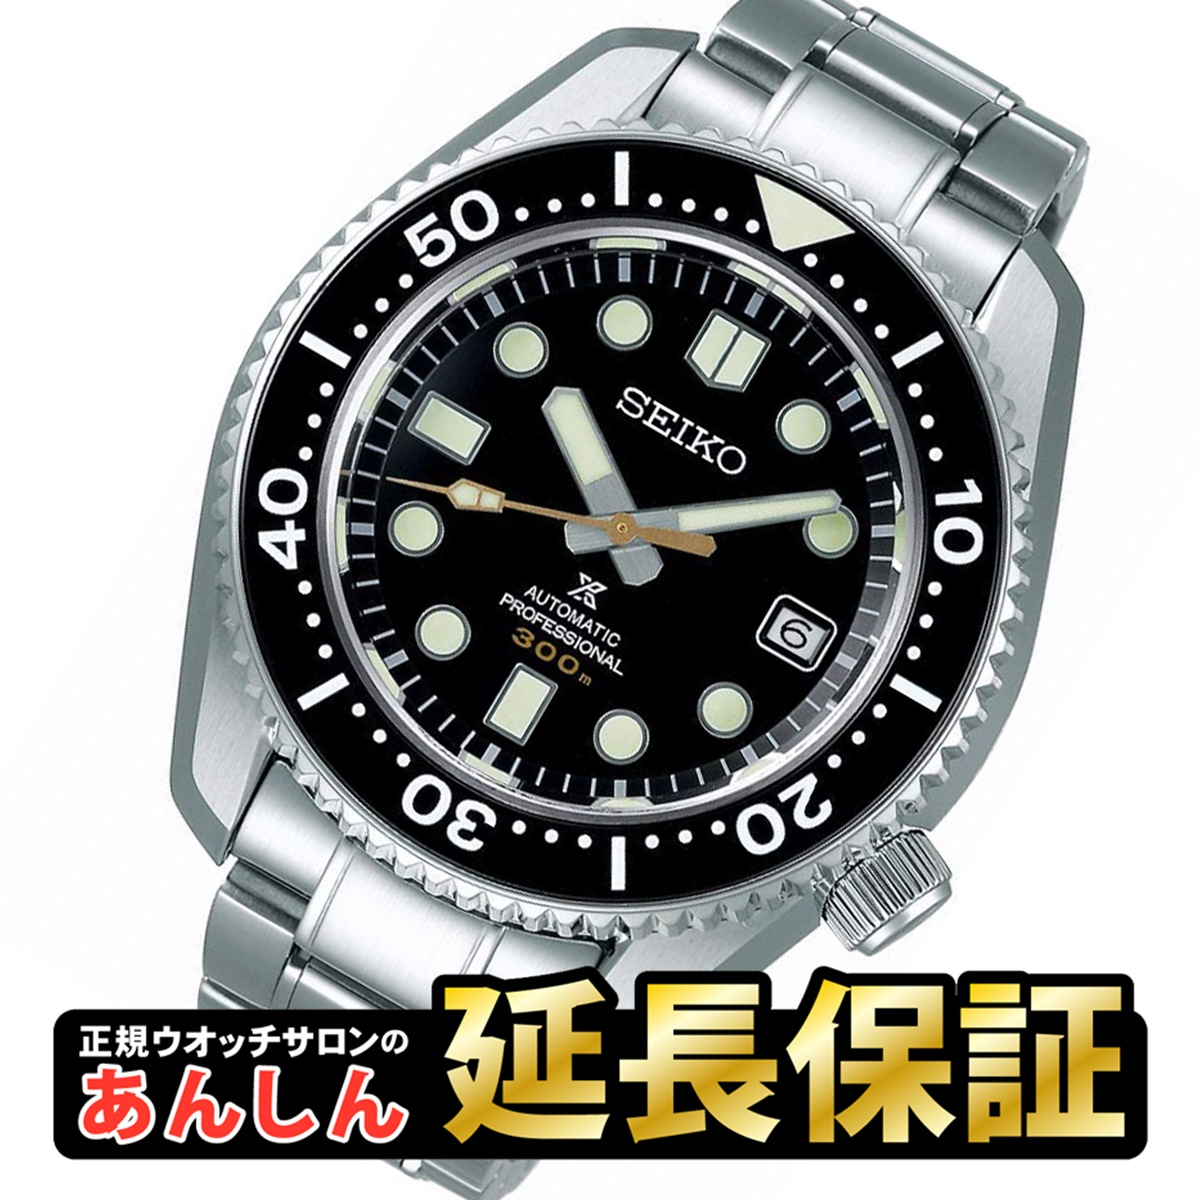 【2,000円OFFマラソンクーポン!9日20時から】【ノベルティ付き】 セイコー プロスペックス SBDX023 グローバルブランド コアショップ専用モデル ダイバーズ 自動巻き 腕時計 SEIKO PROSPEX MM300 _10spl【1118】